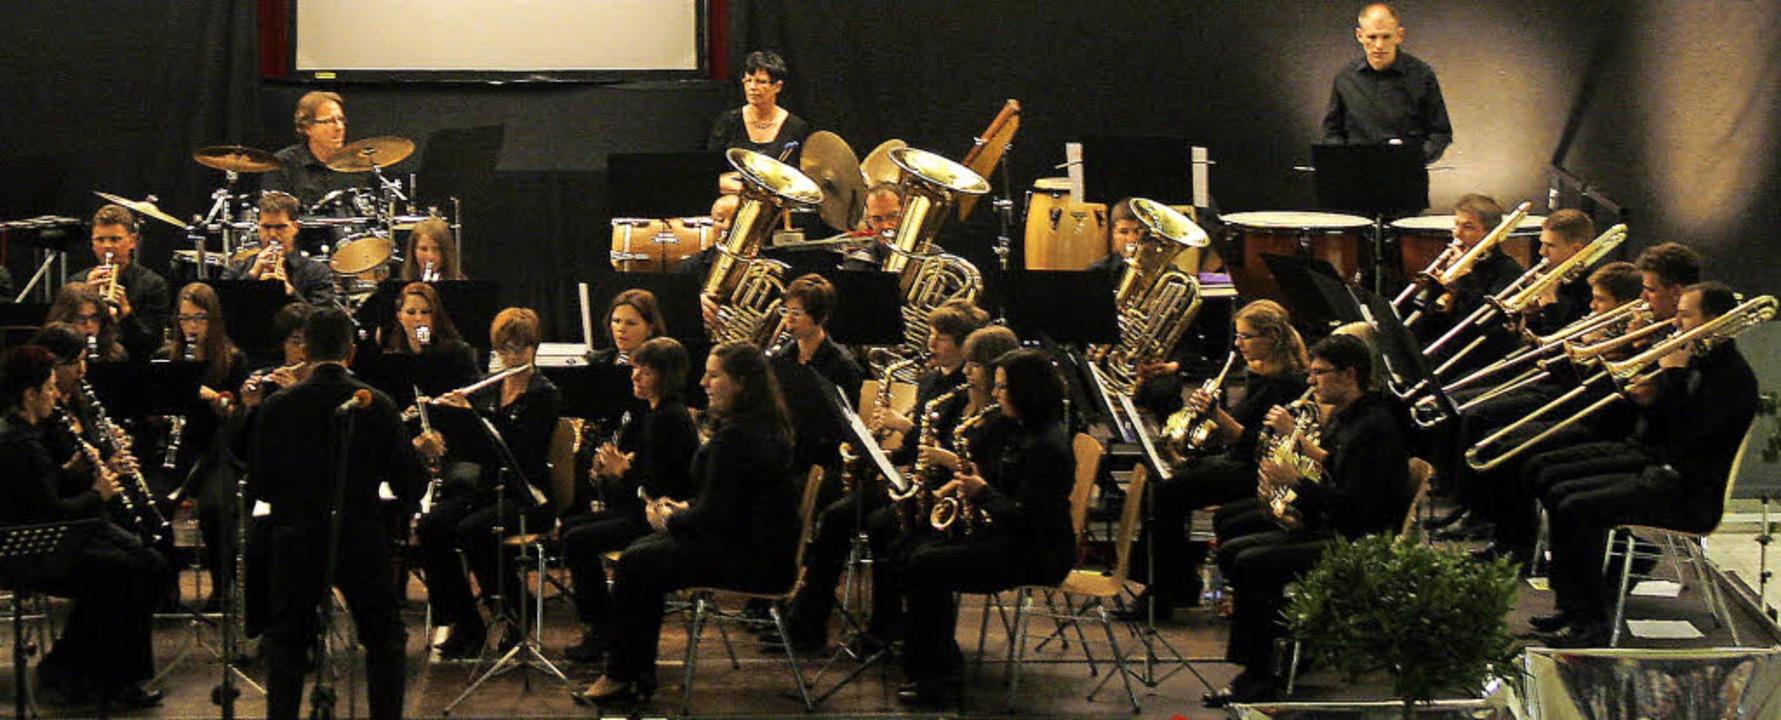 Stadt -Land-Fluss war das Motto der mu... Christian Warth und seinen Musikern.   | Foto: heidi fössel